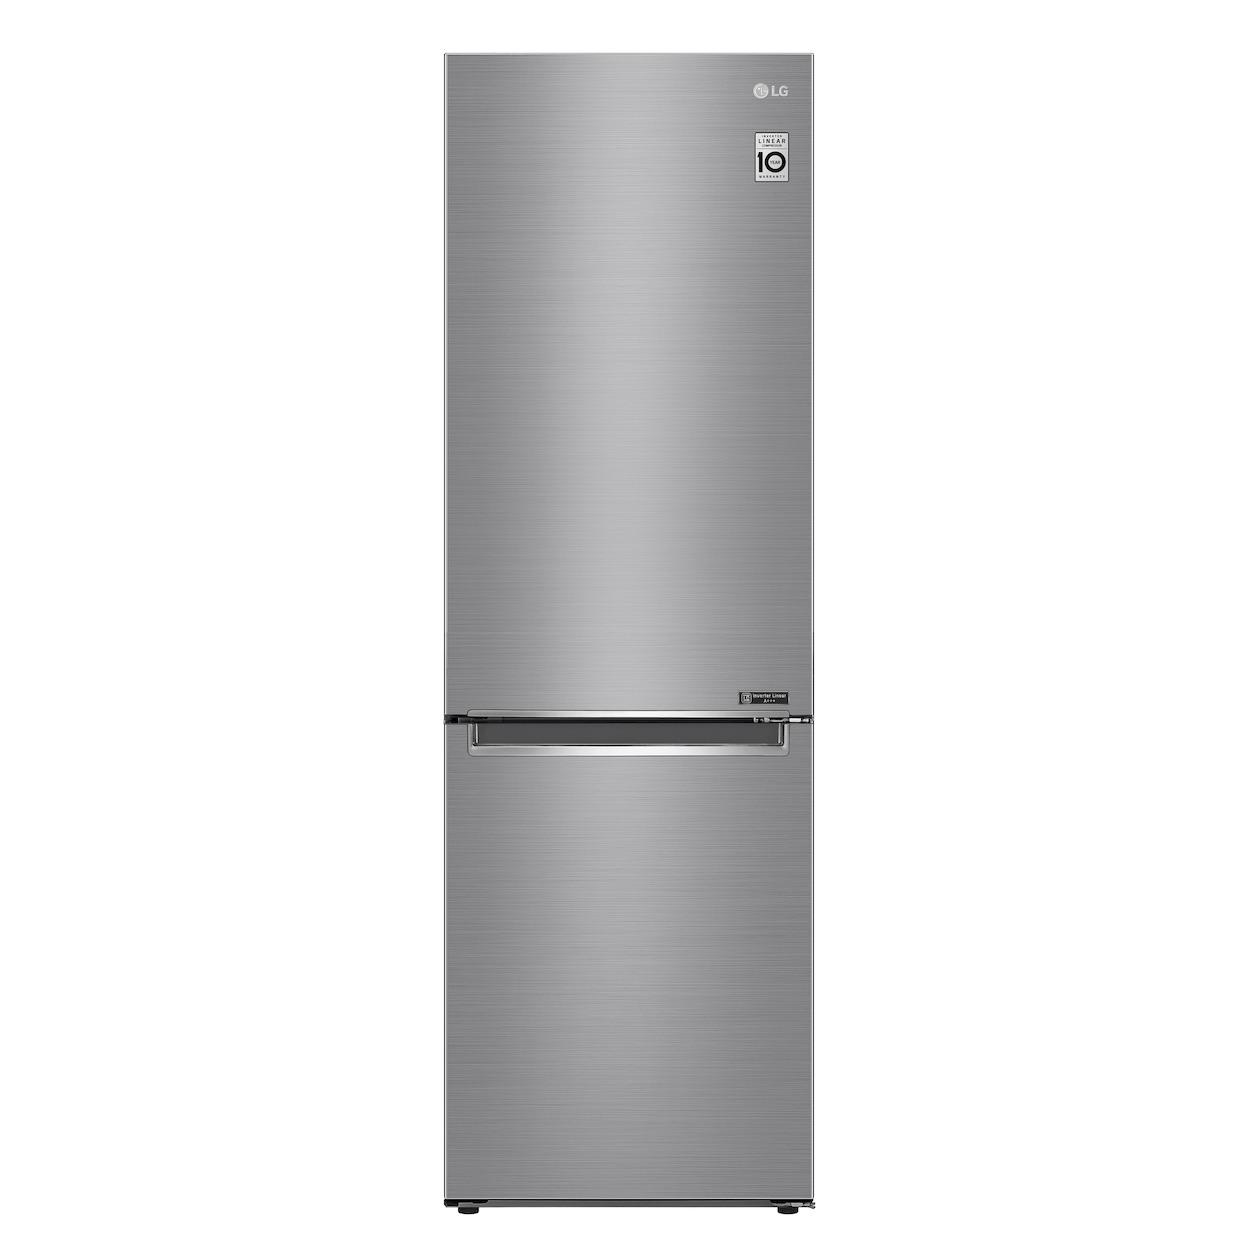 LG koelkast met vriesvak GBB61PZGFN zilver - Prijsvergelijk